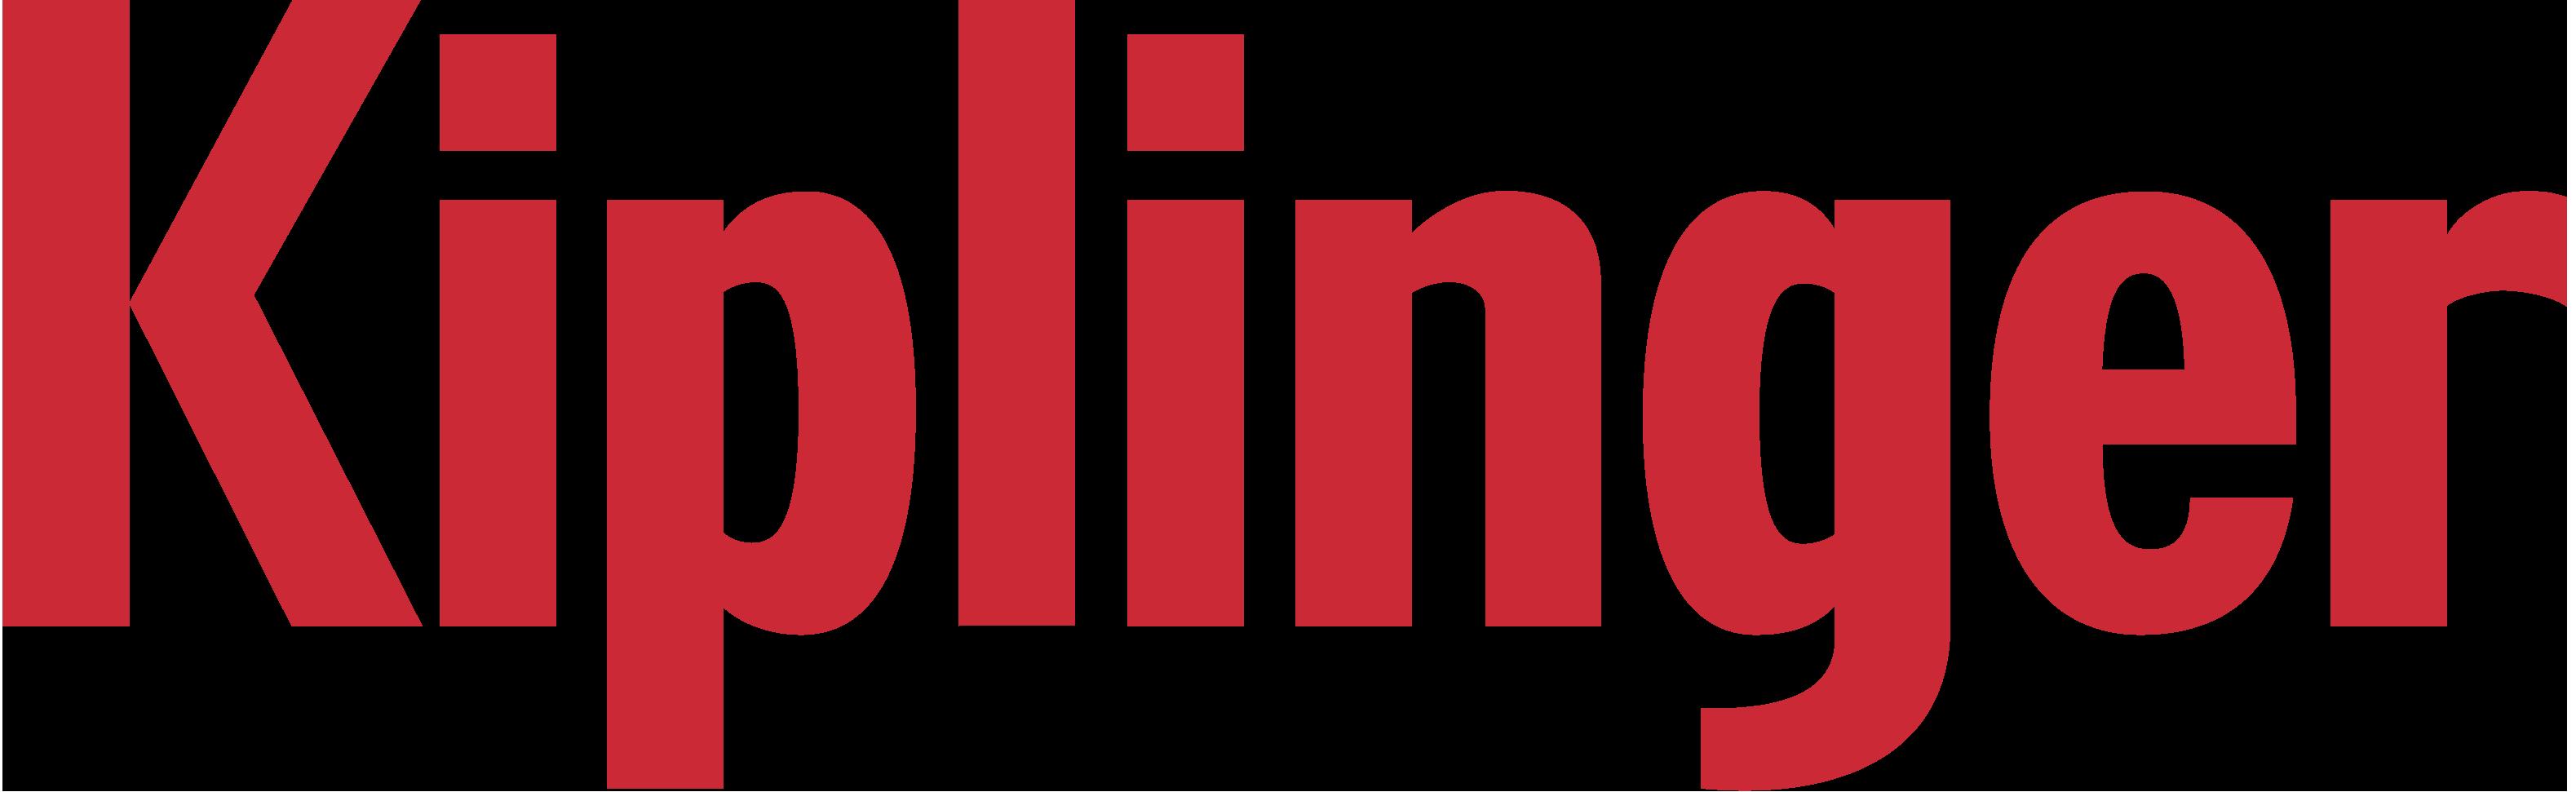 kiplinger_red